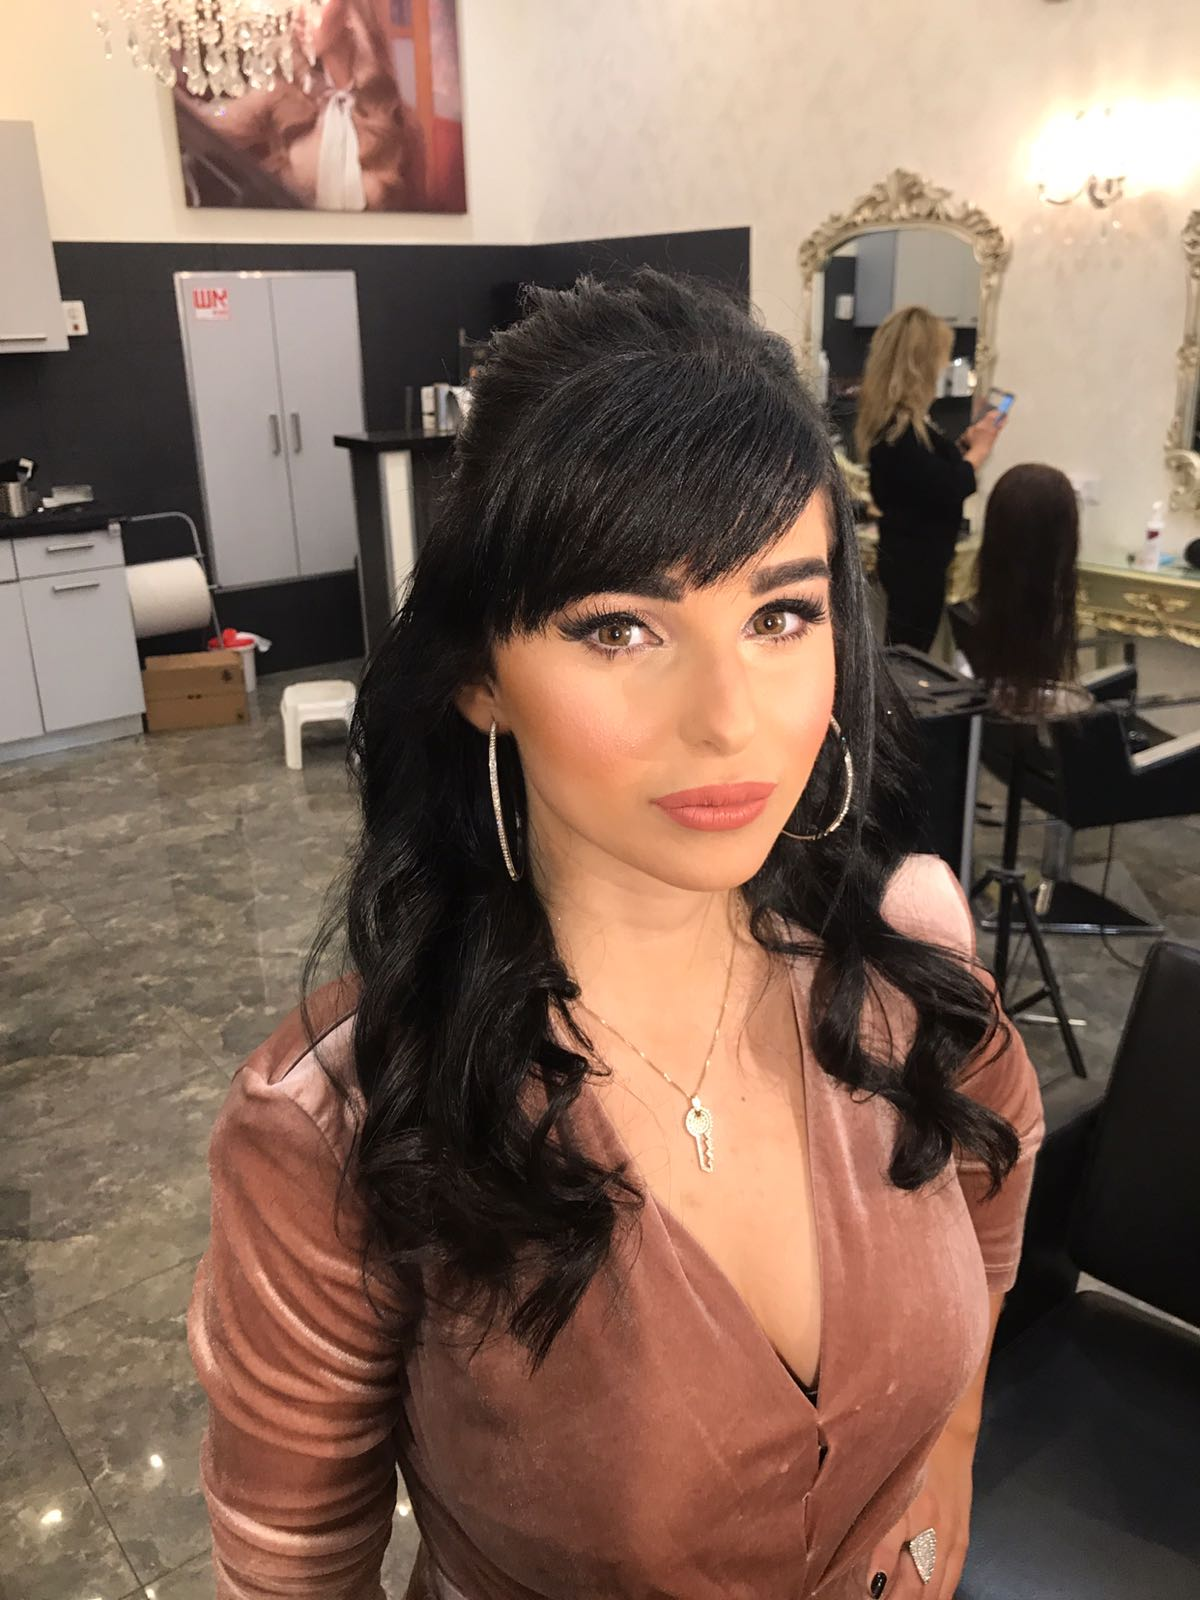 אדווה עומר הגיעה לסדר את שערה בסלון גיורא של אמן התסרוקות גיורא יצחקוב